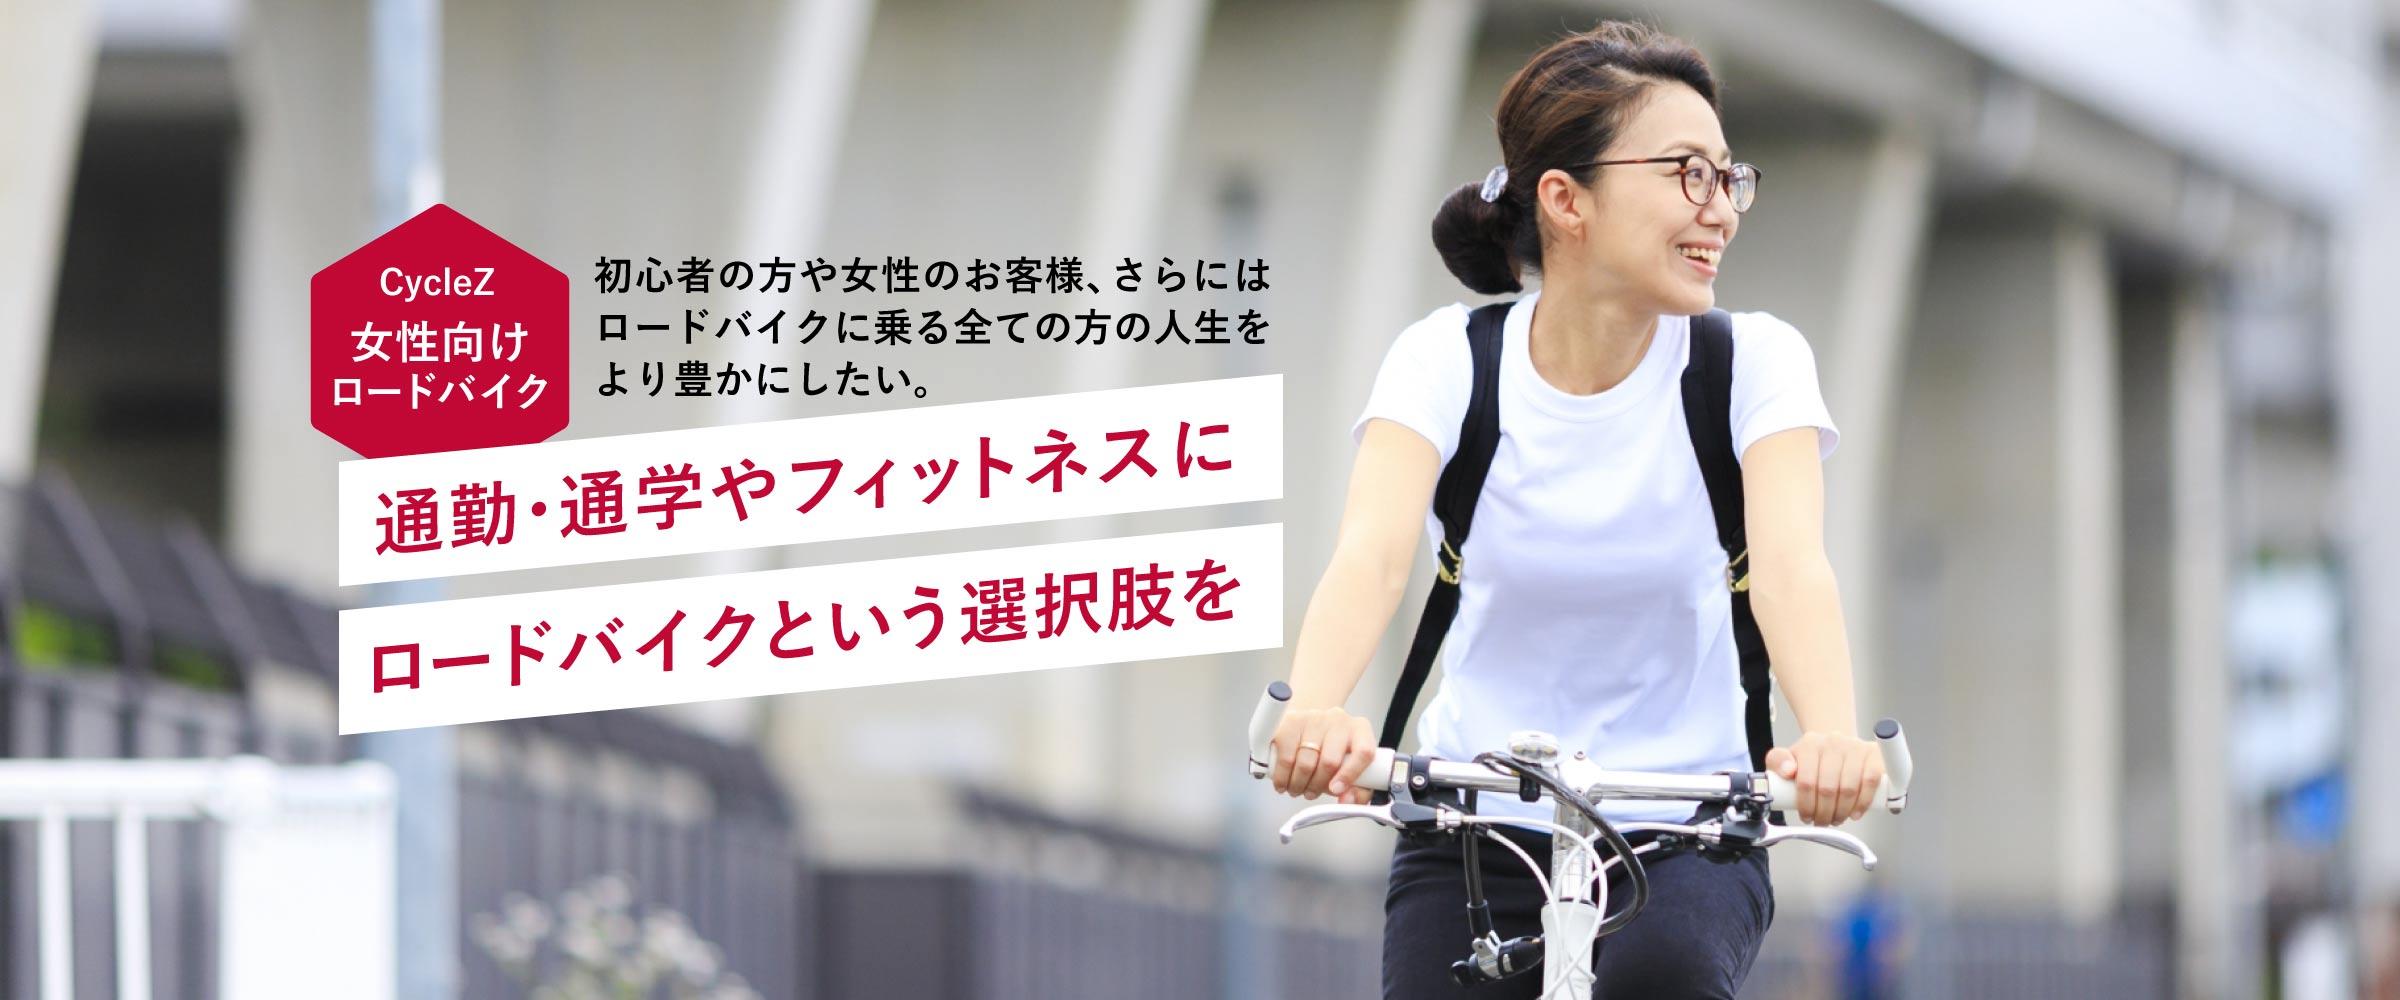 岡山・ロードバイク・女性向けpc